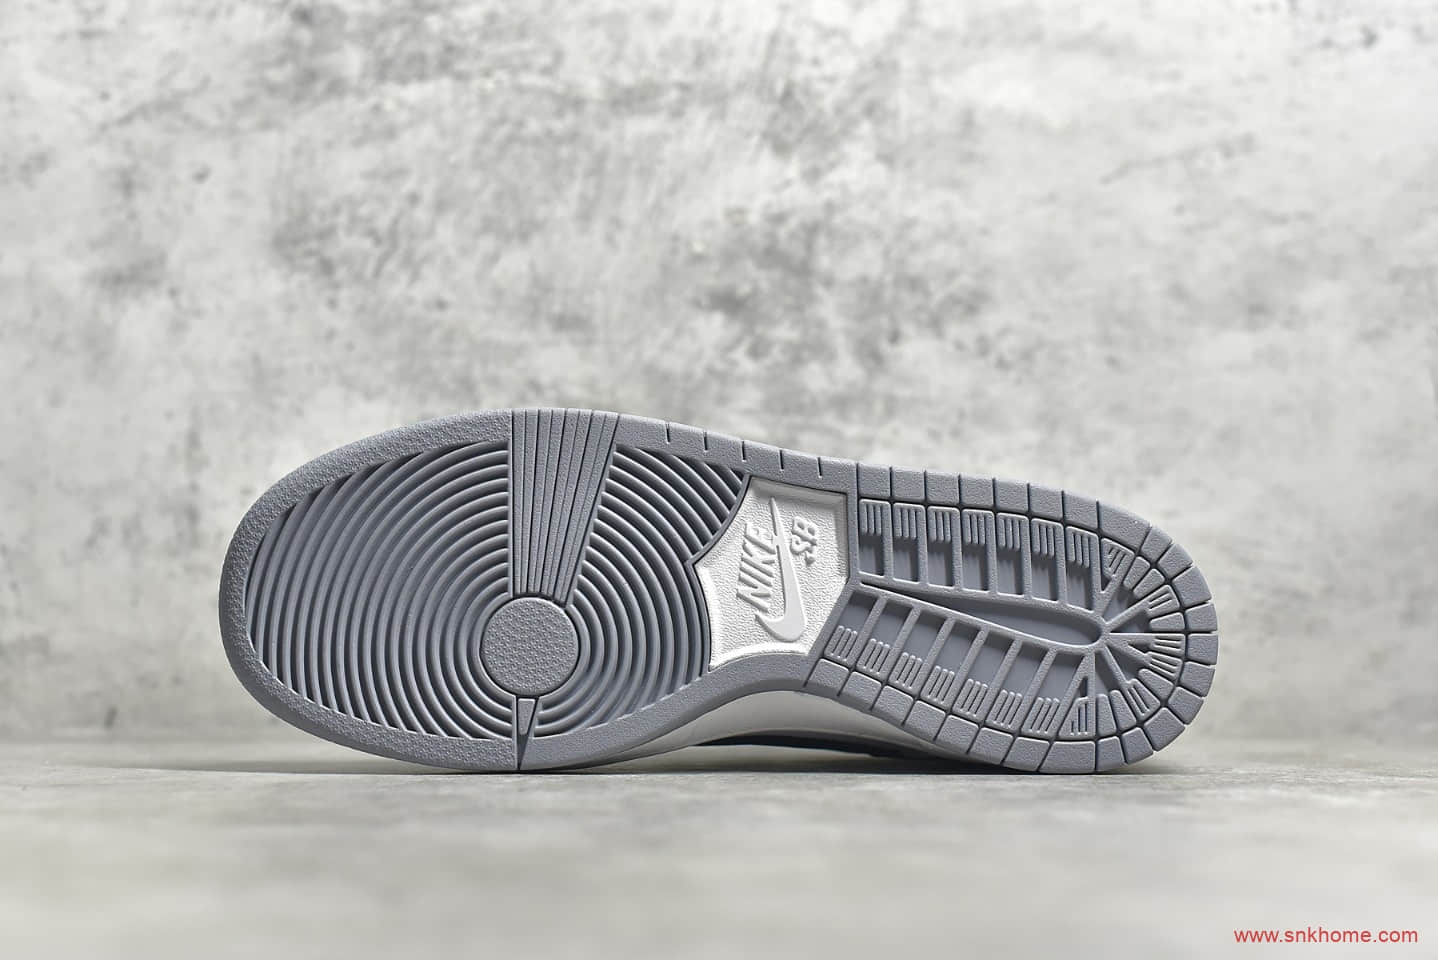 耐克Dunk SB白灰黑低帮 NIKE SB Dunk Low Pro 顶级版本耐克Dunk SB板鞋 货号:AR0778-092-潮流者之家